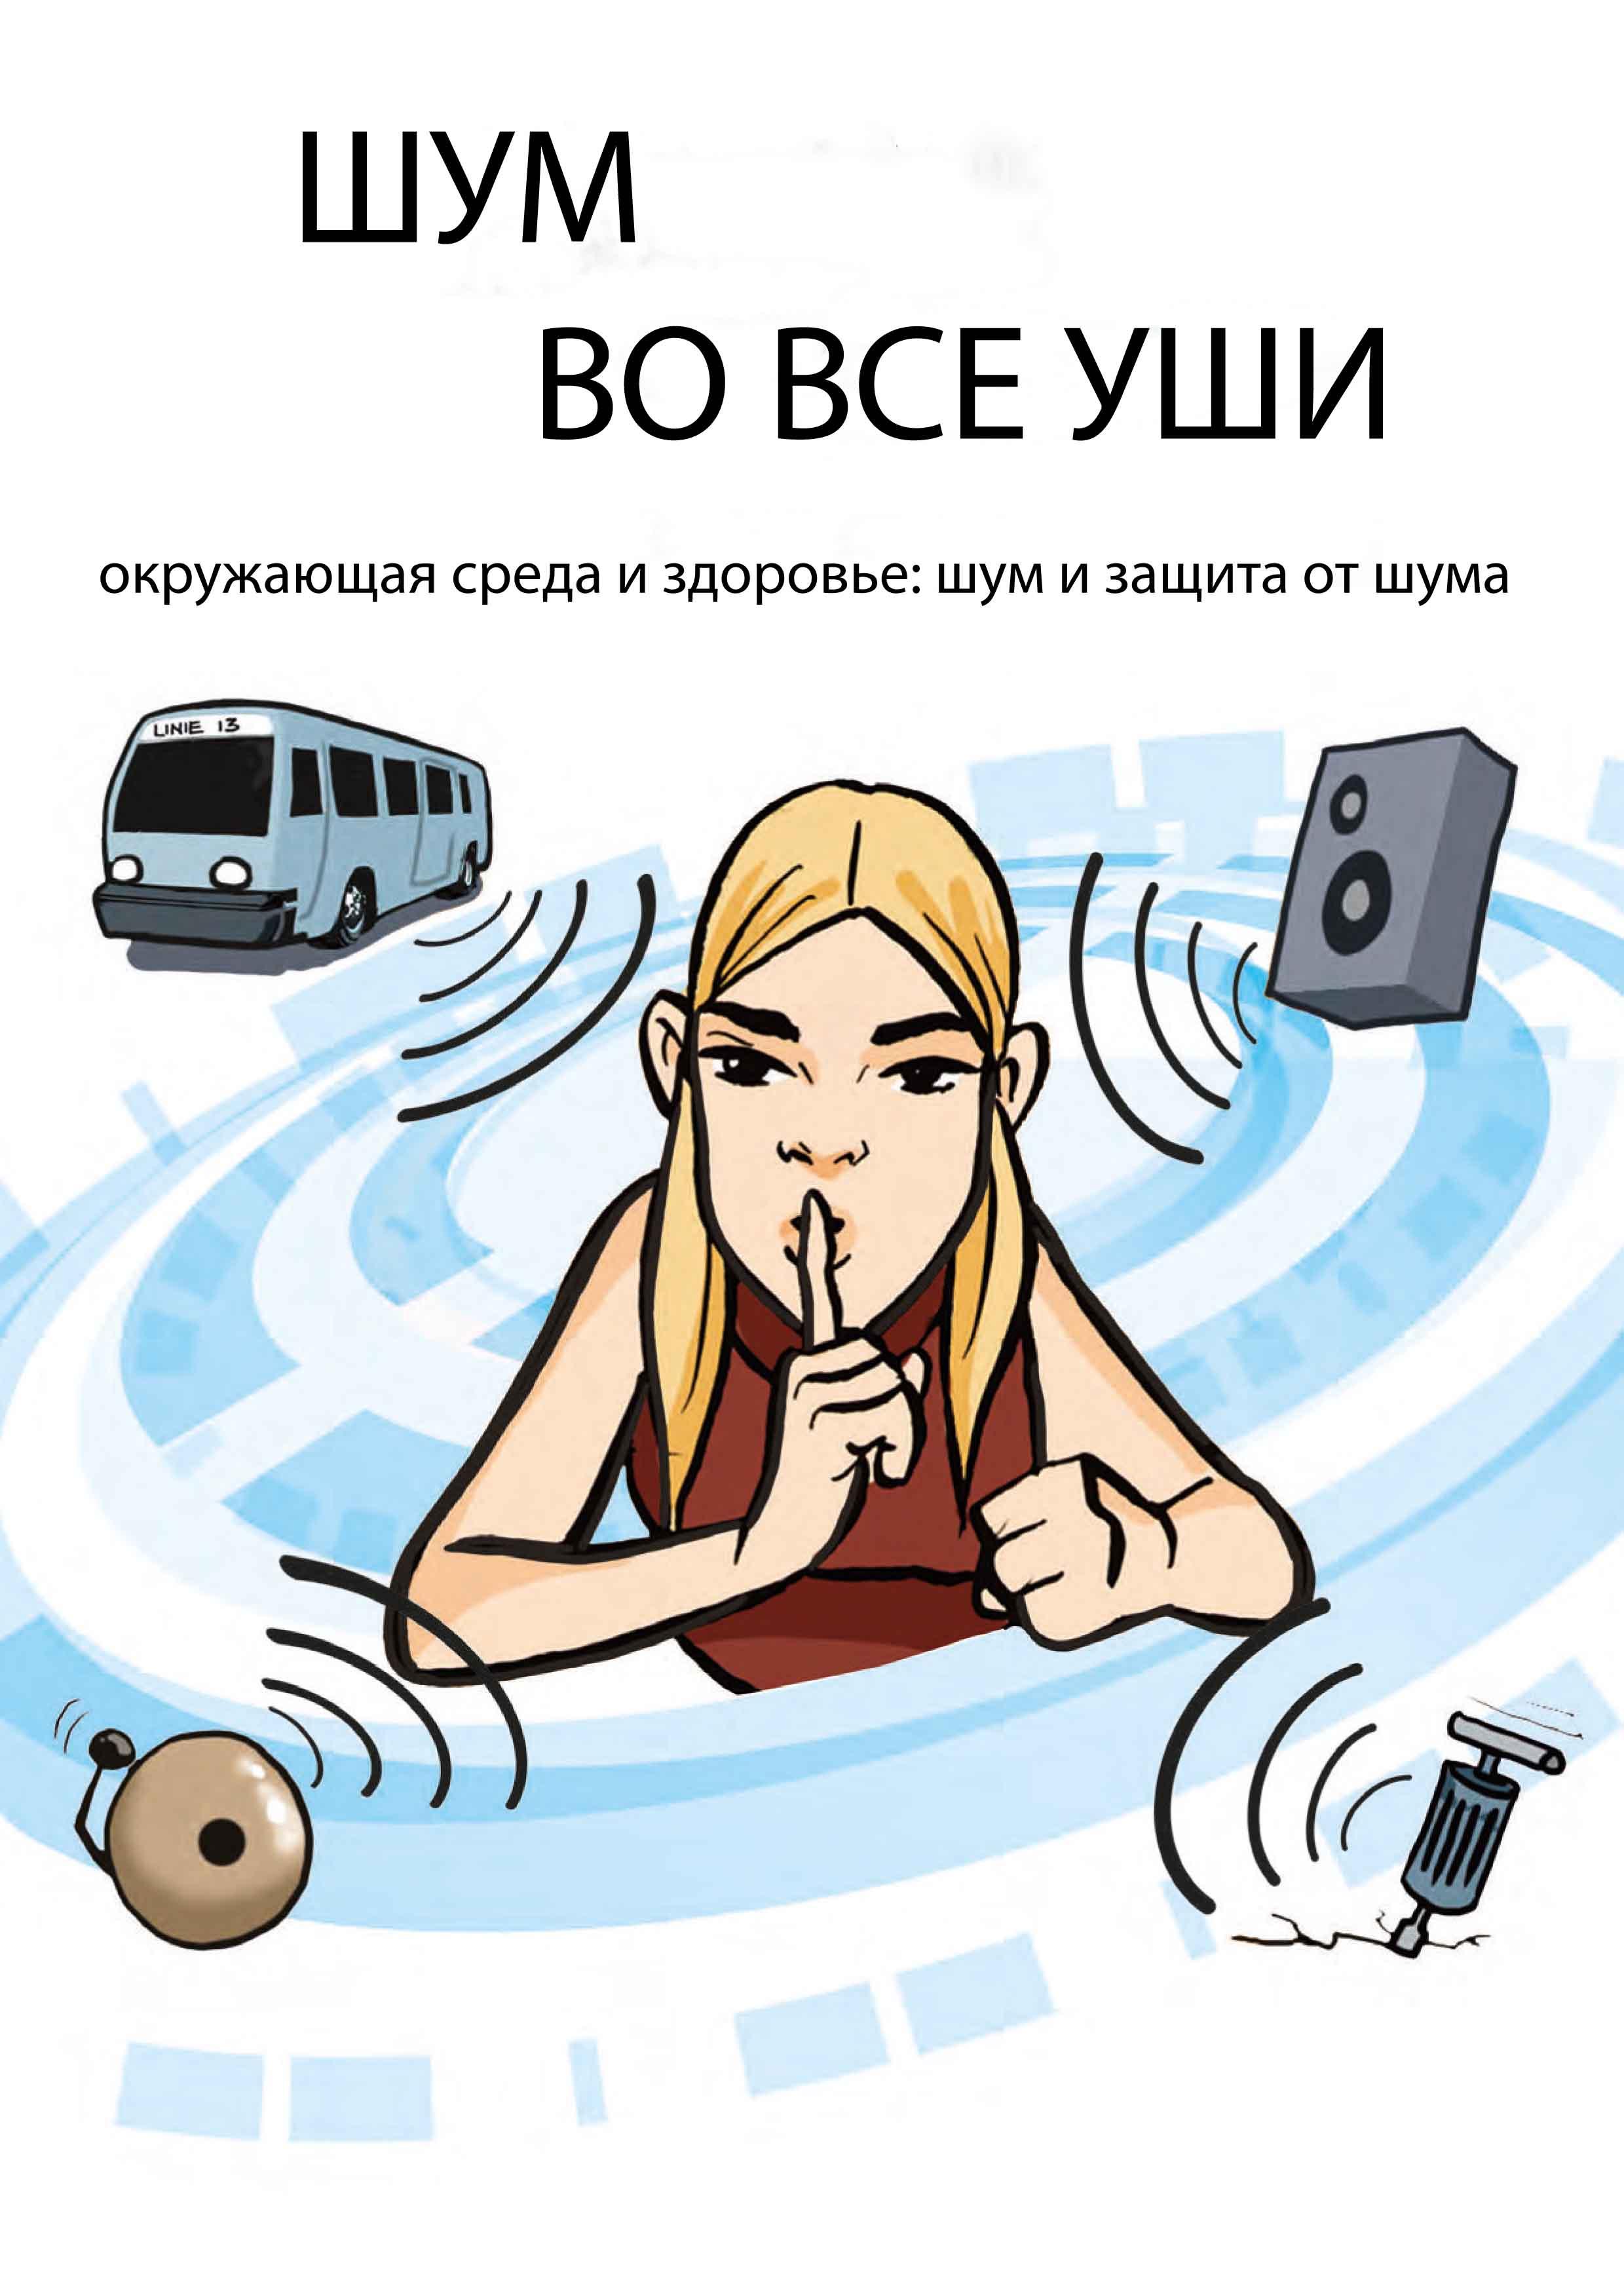 Брошюра на экологическую тему «Шум»